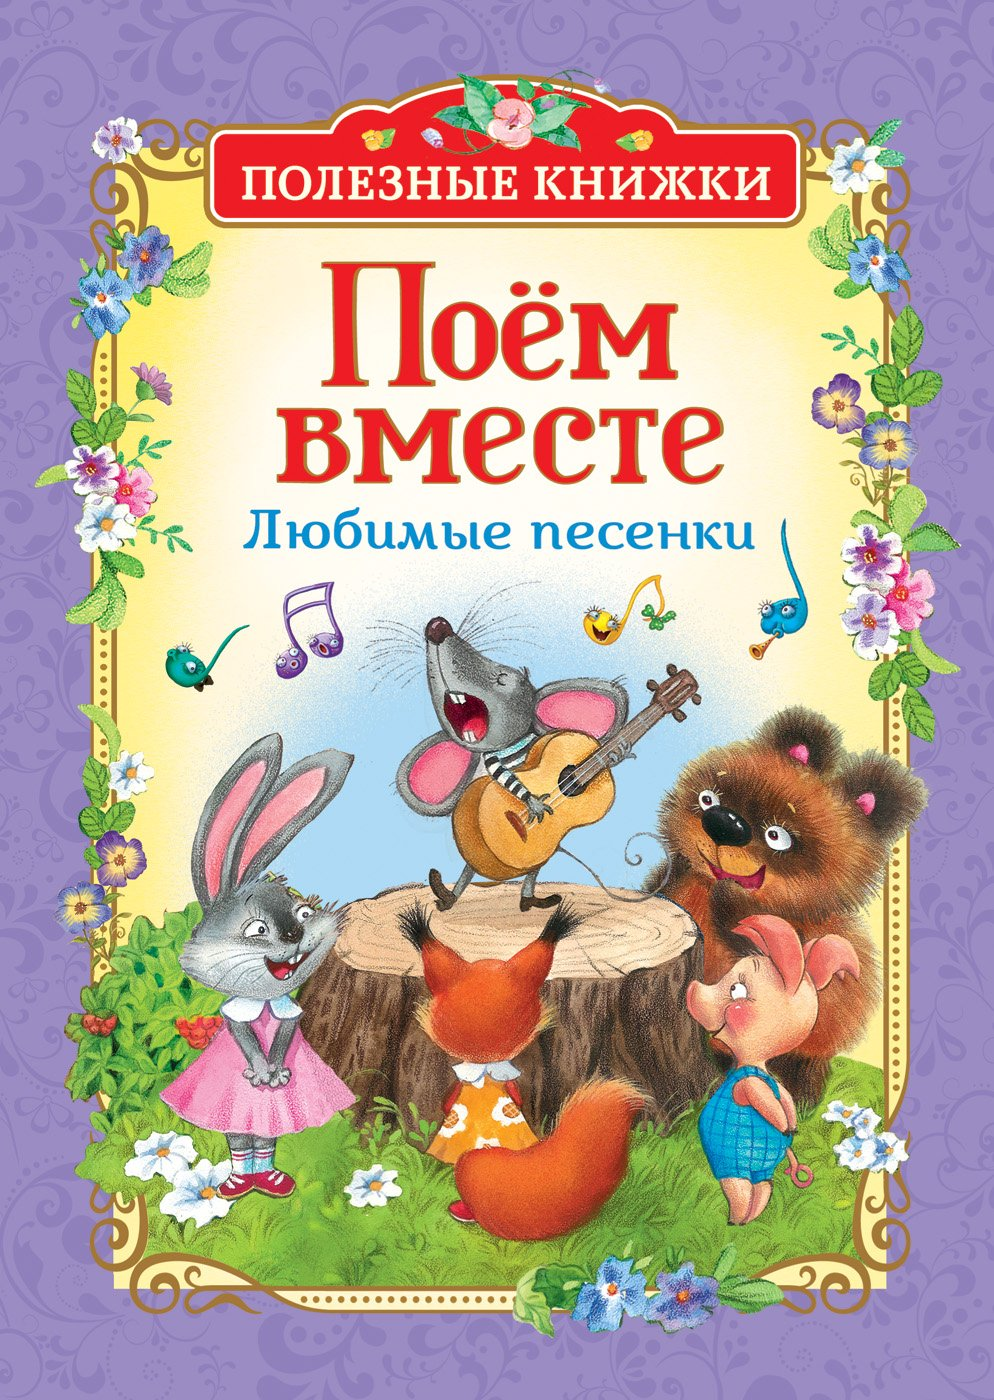 Купить Книга. Полезные книжки. Поем вместе. Любимые песенки [34624], Обучающие материалы и авторские методики для детей